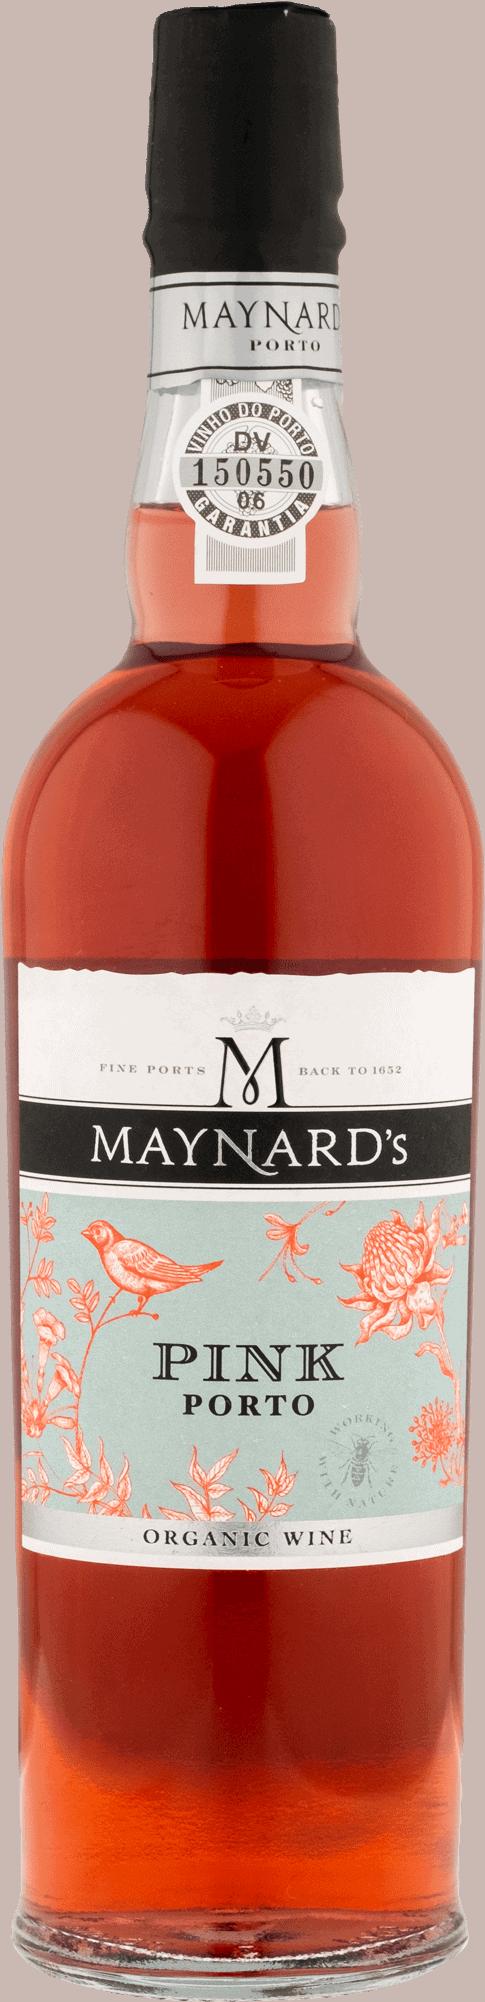 Maynards Pink Porto Organic til portvinssmagning og portvinscocktails